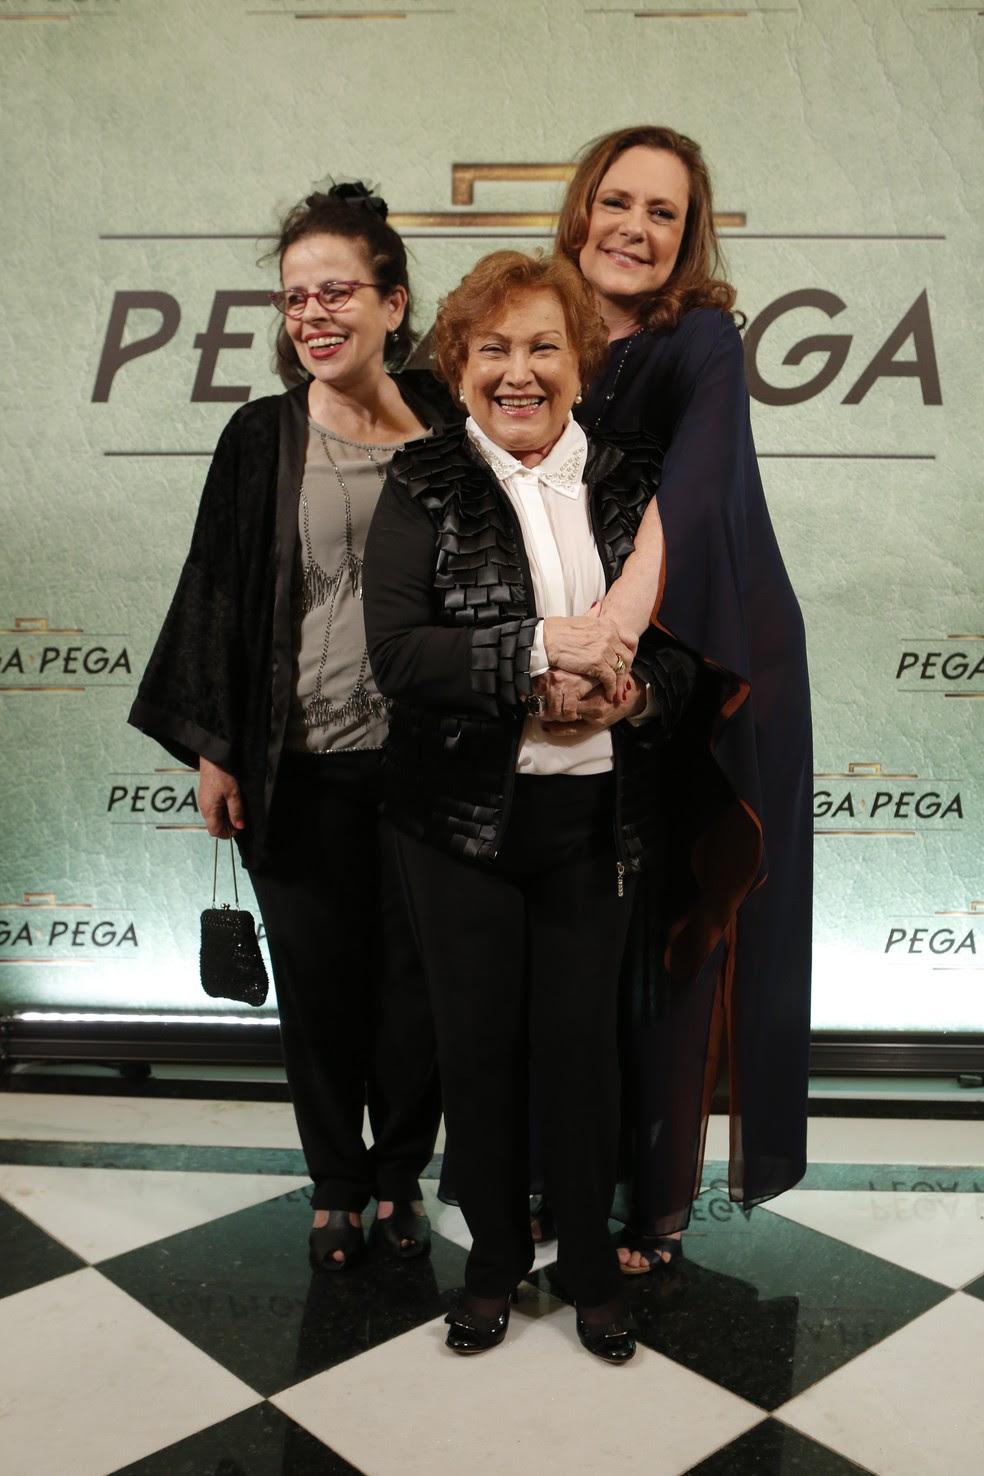 Cristina Pereira, Nicette Bruno e Elizabeth Savala posam para os fotógrafos (Foto: Felipe Monteiro/Gshow)